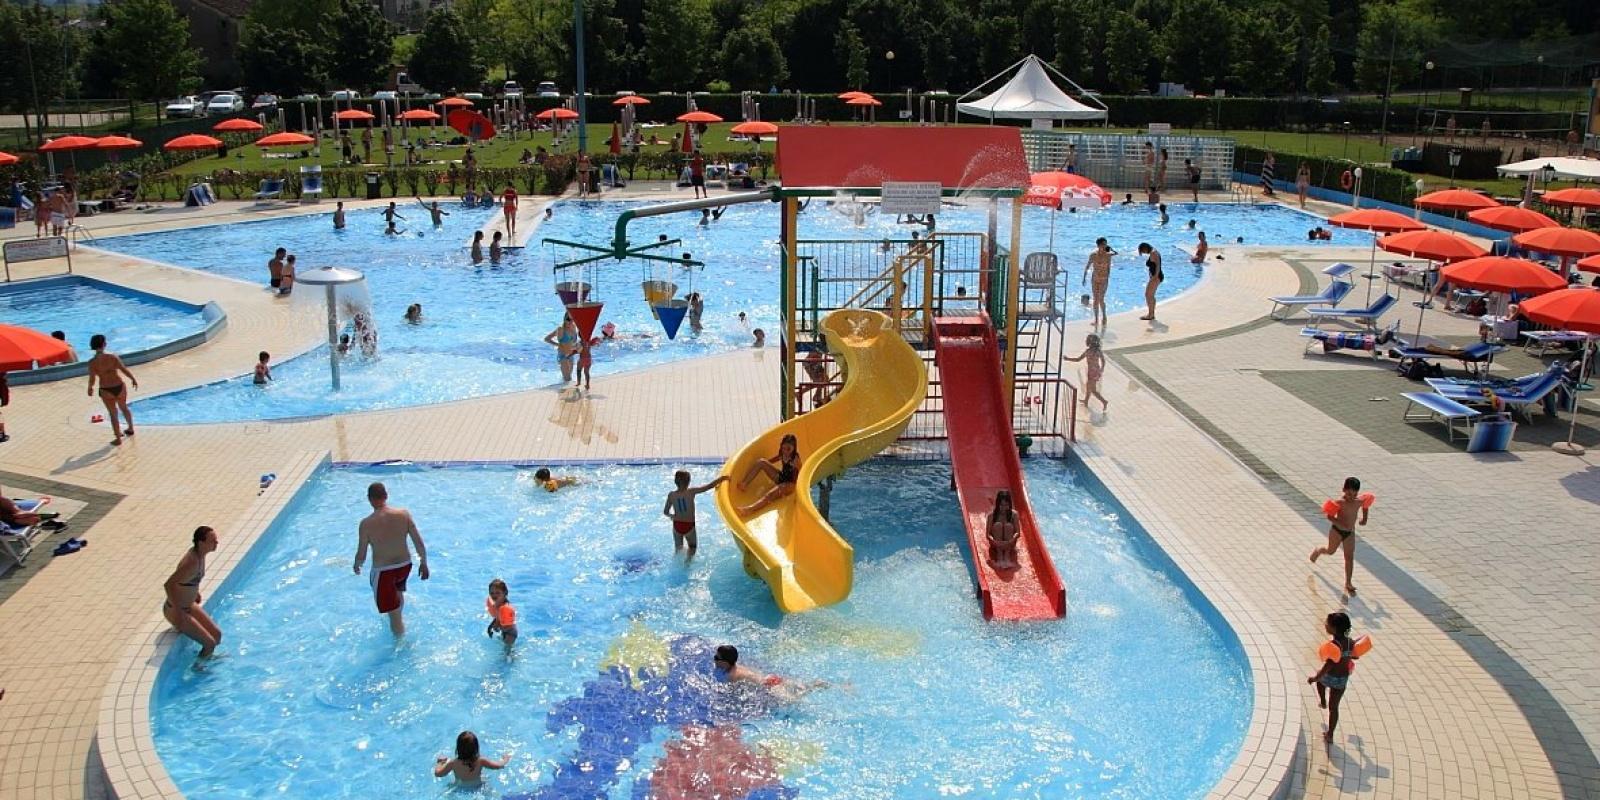 Le piscine all 39 aperto a treviso e provincia for Conca verde piscine